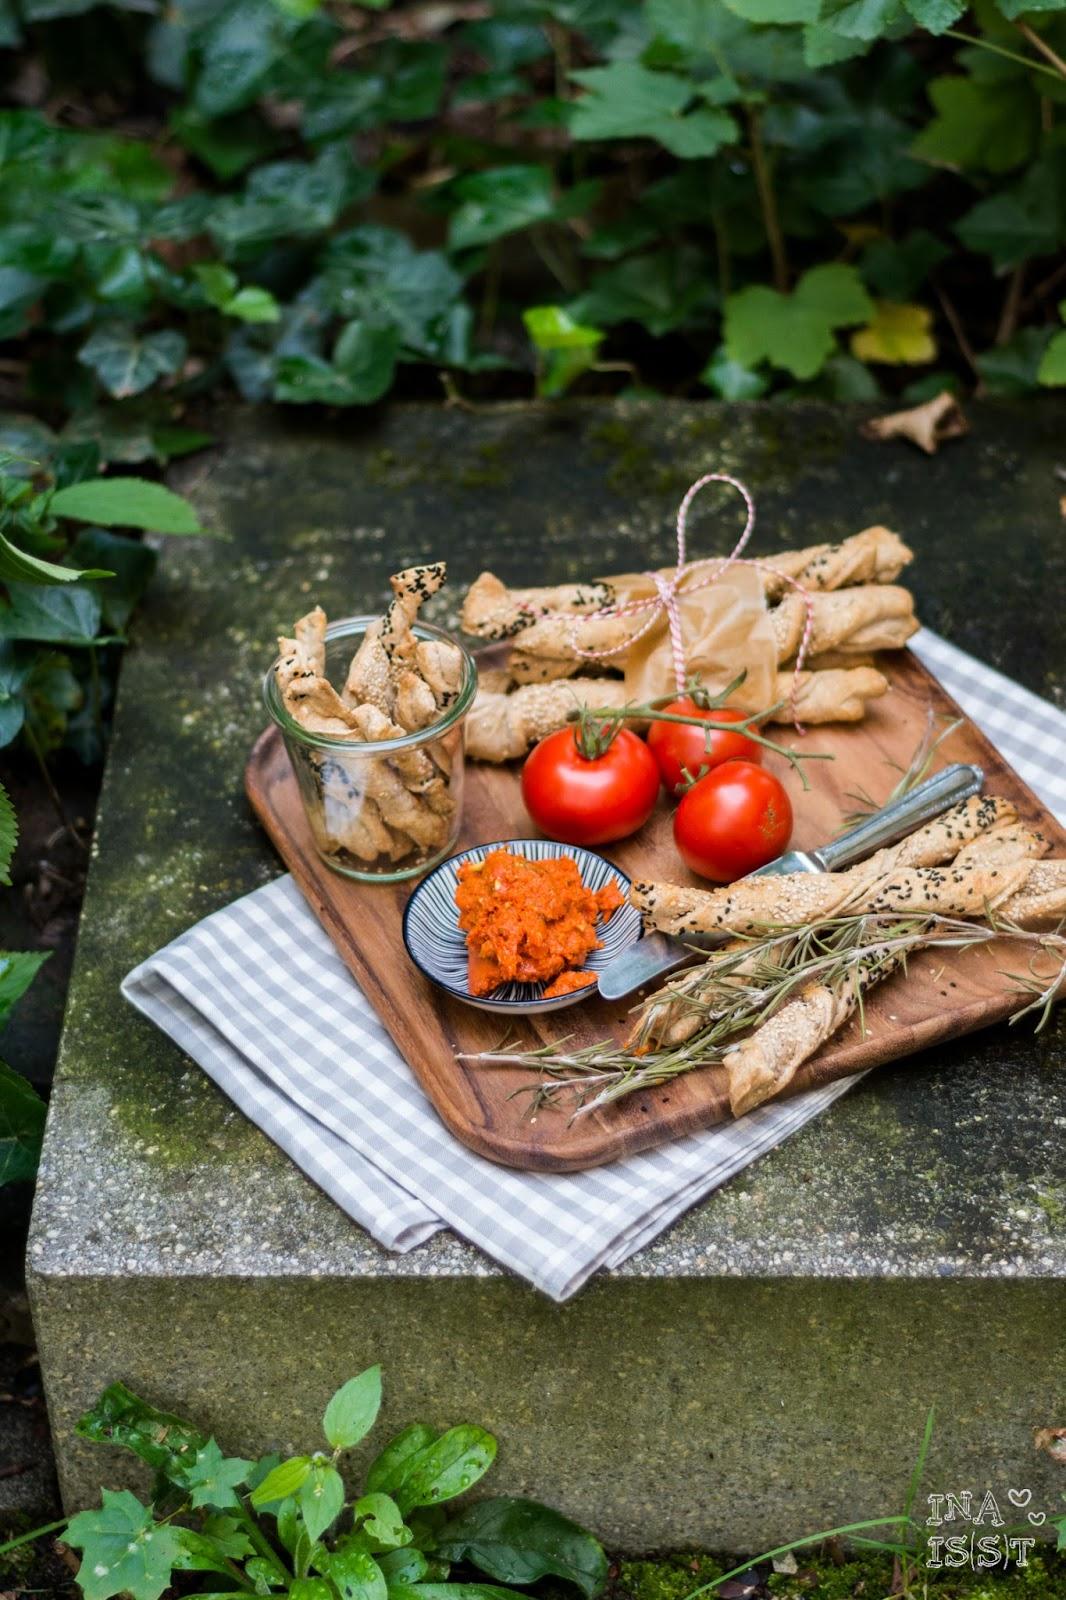 ina is s t zeit f r ein picknick knusperstangen mit tomatenbutter. Black Bedroom Furniture Sets. Home Design Ideas